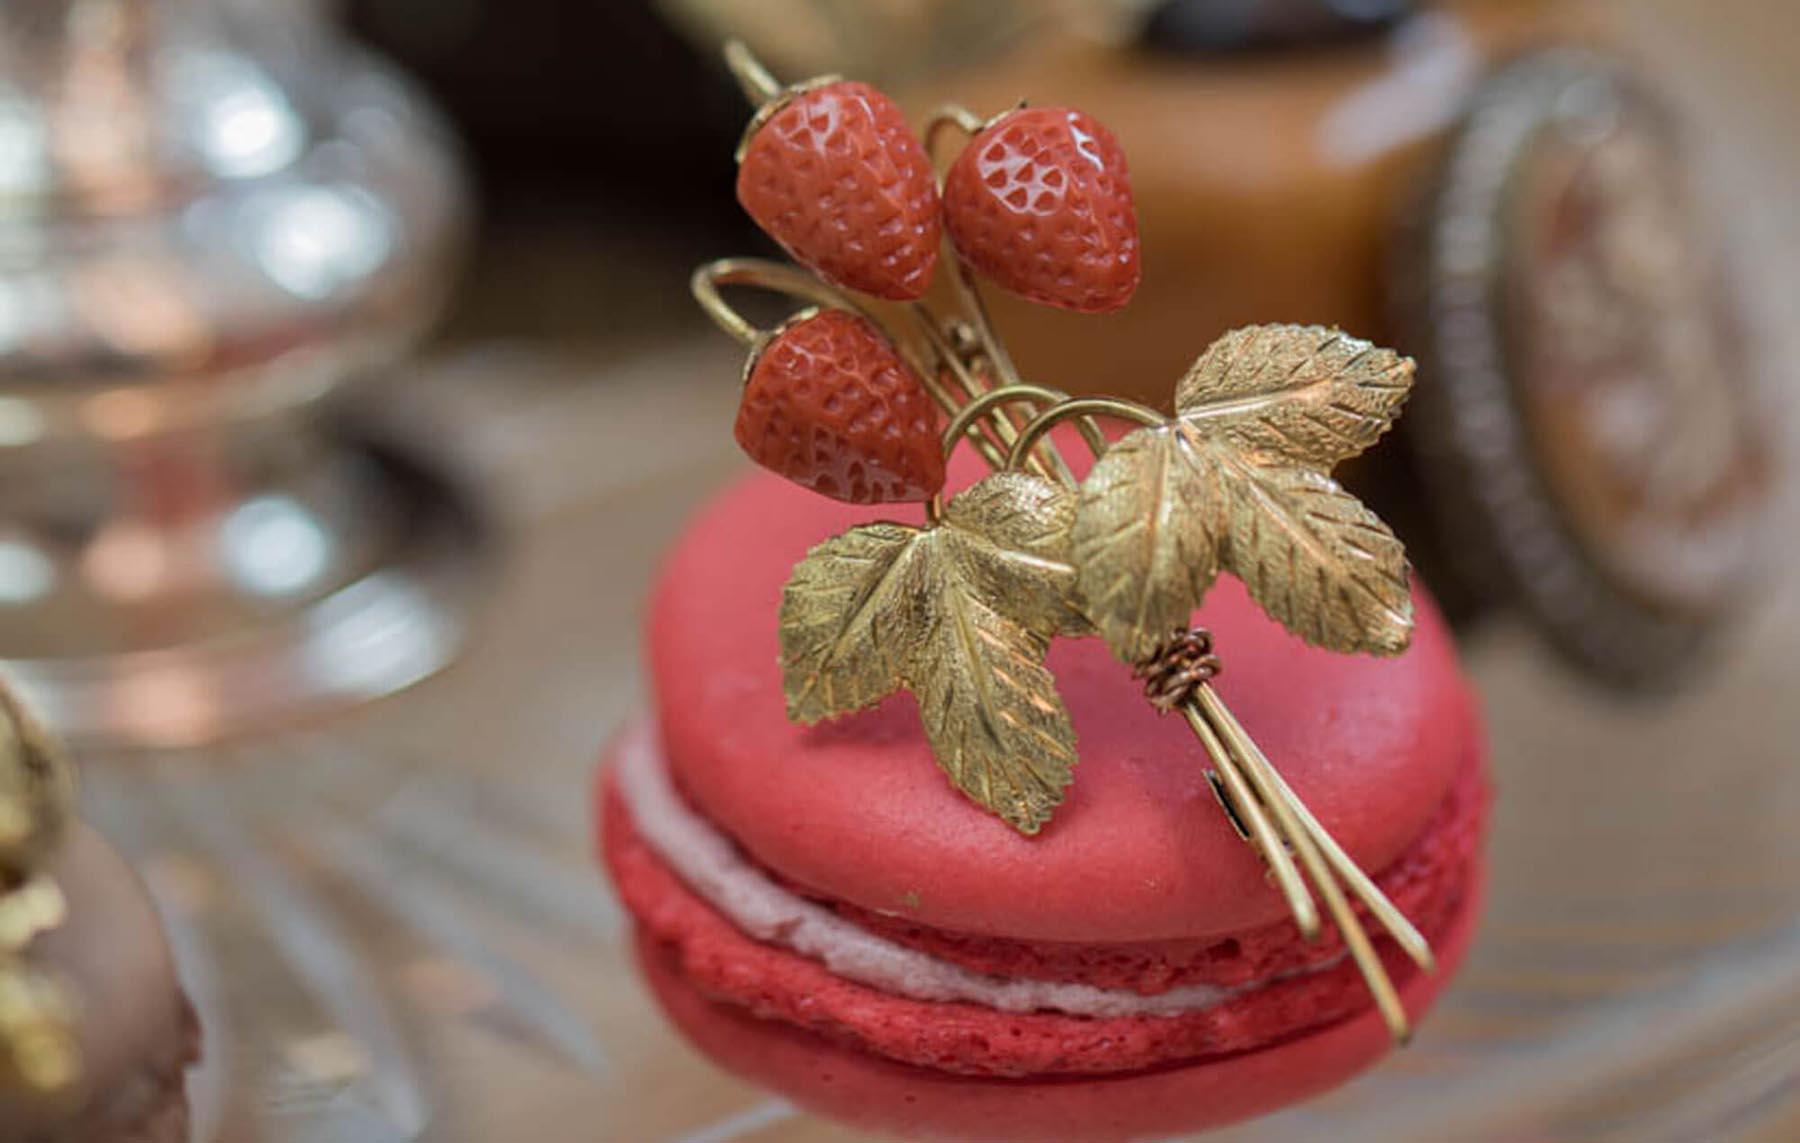 Erdbeer-Brosche auf Macaron